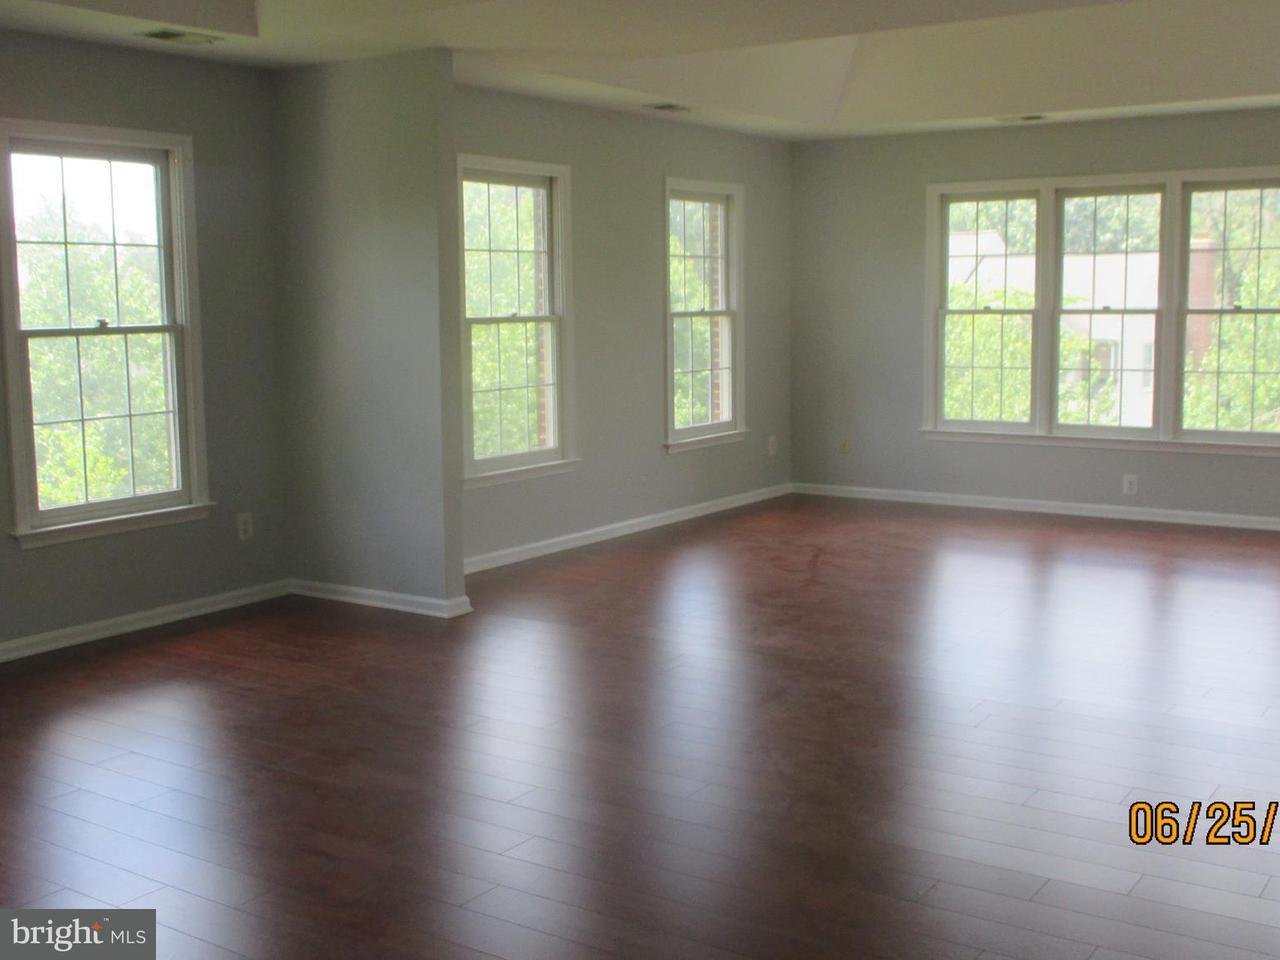 Additional photo for property listing at 12119 WINDSOR HALL WAY 12119 WINDSOR HALL WAY Herndon, 버지니아 20170 미국